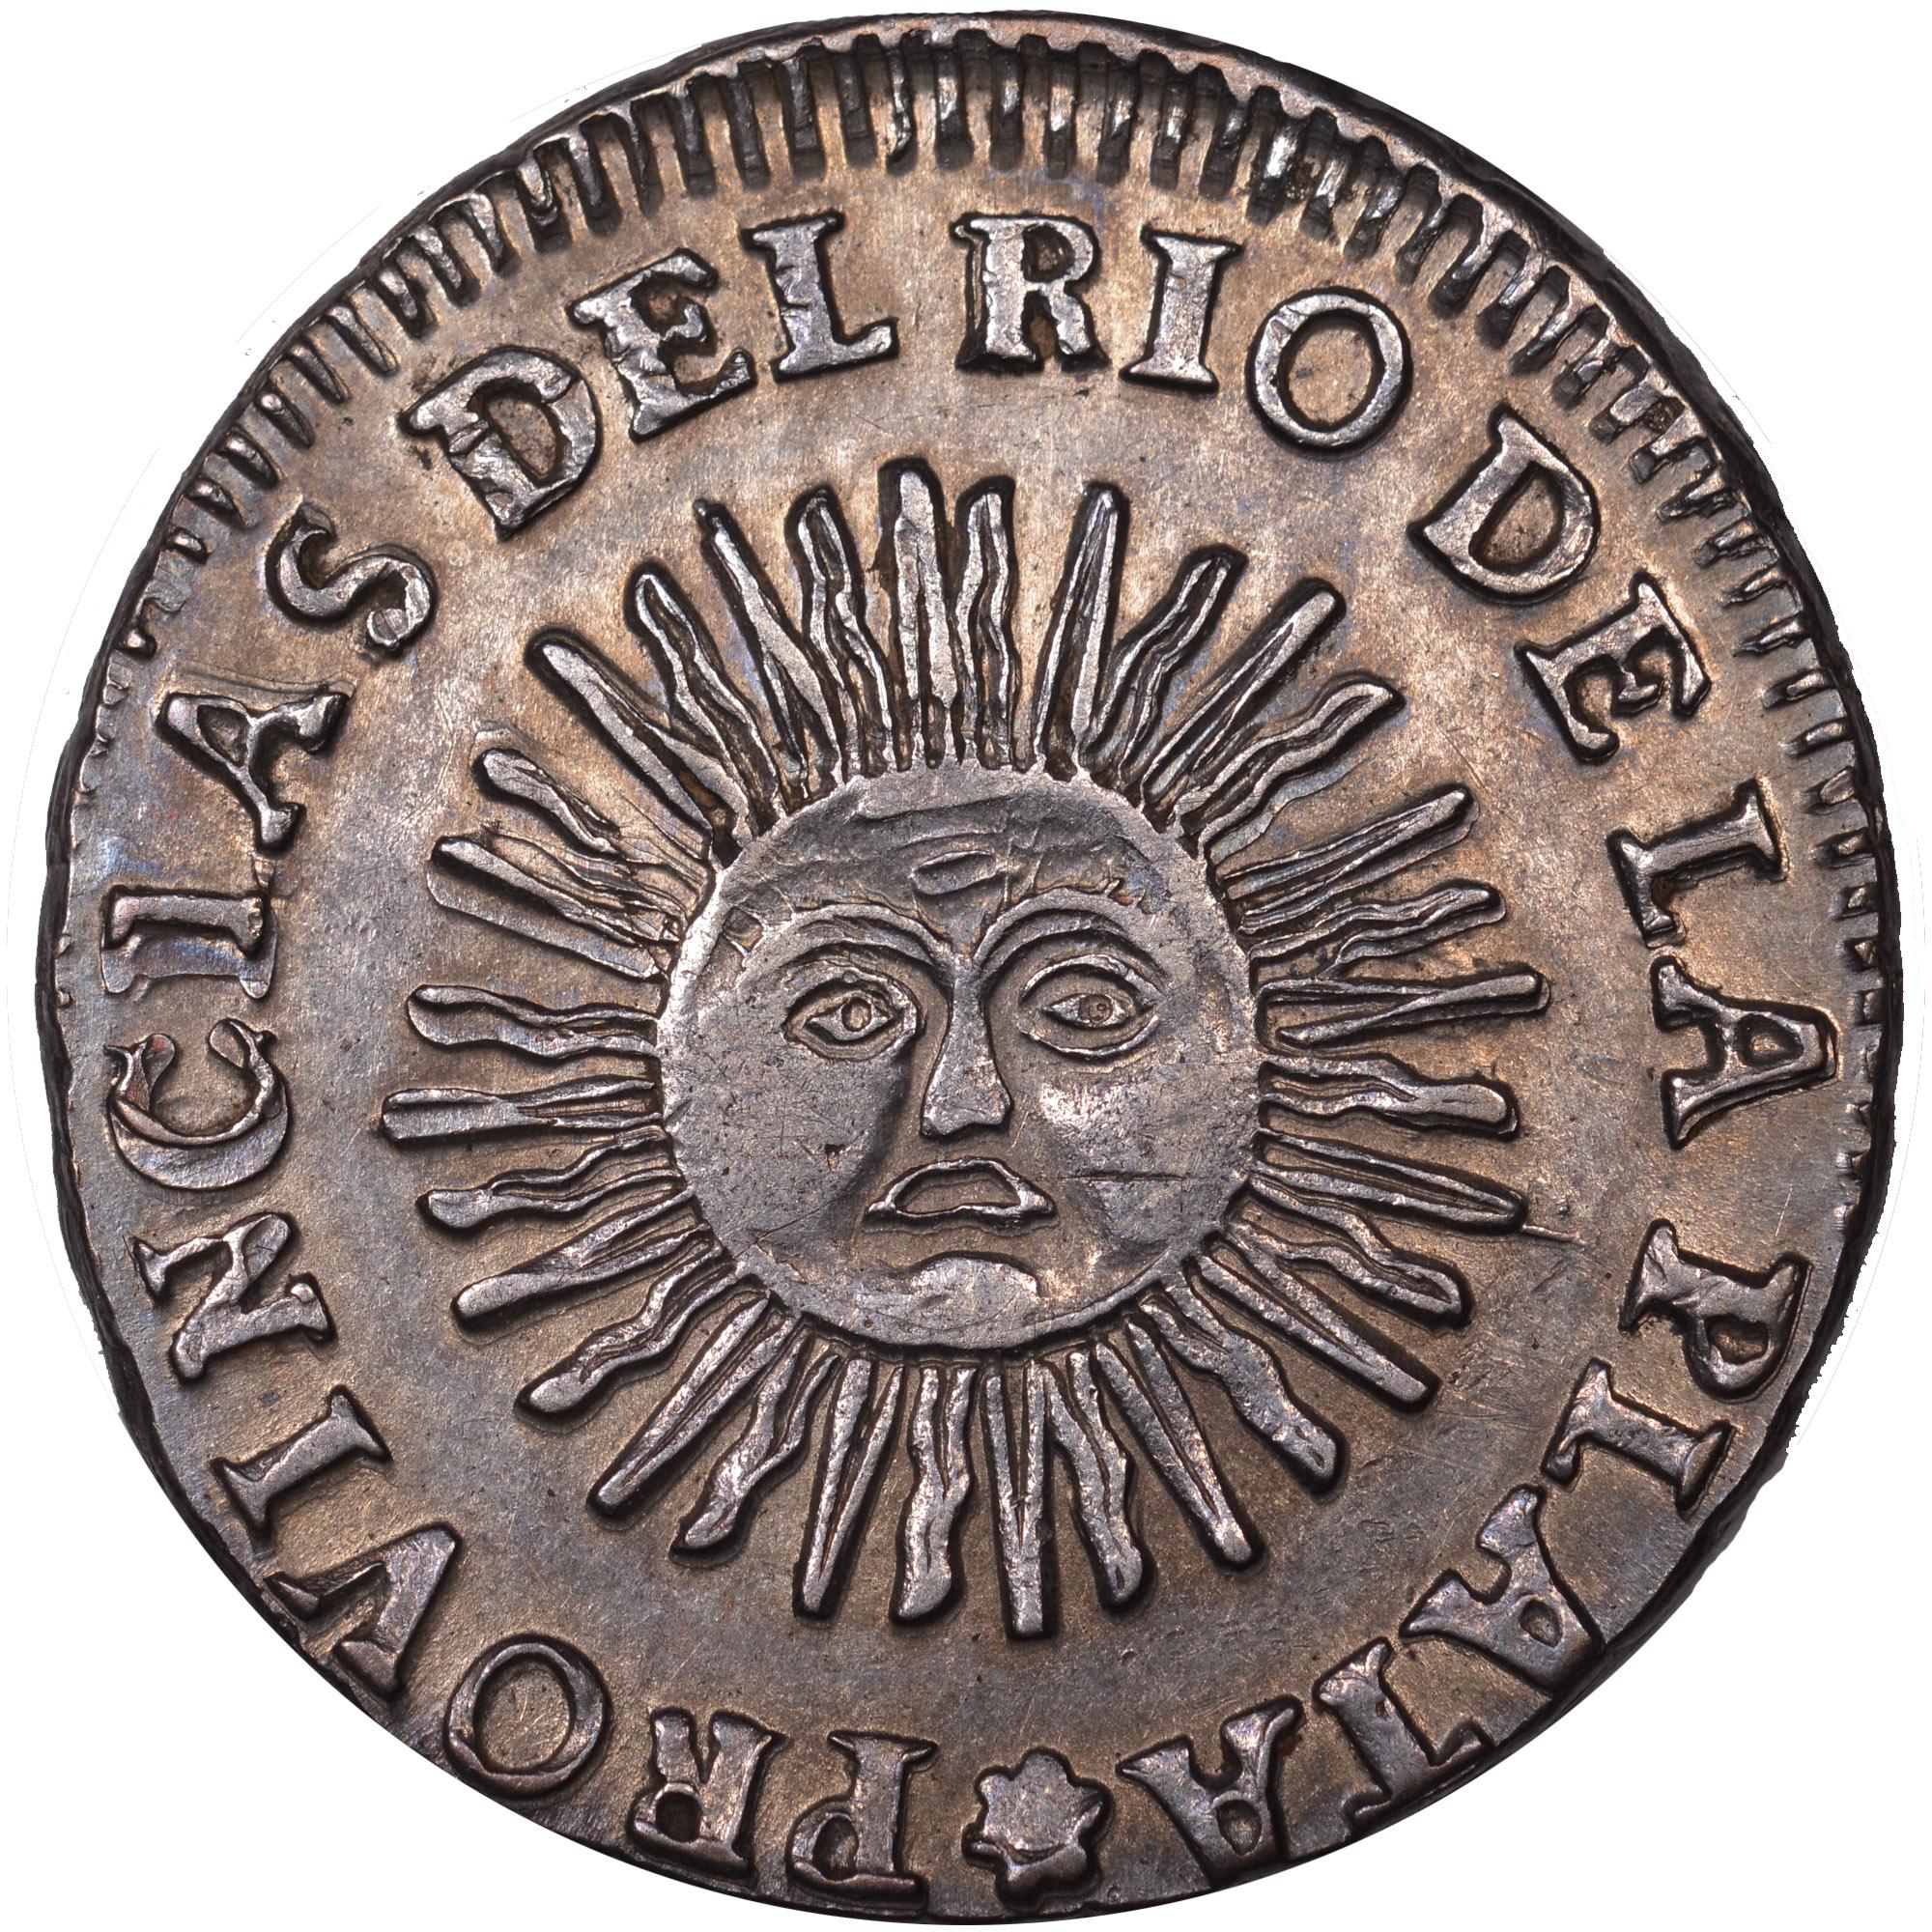 1824-1826/5 Argentina 2 Soles obverse